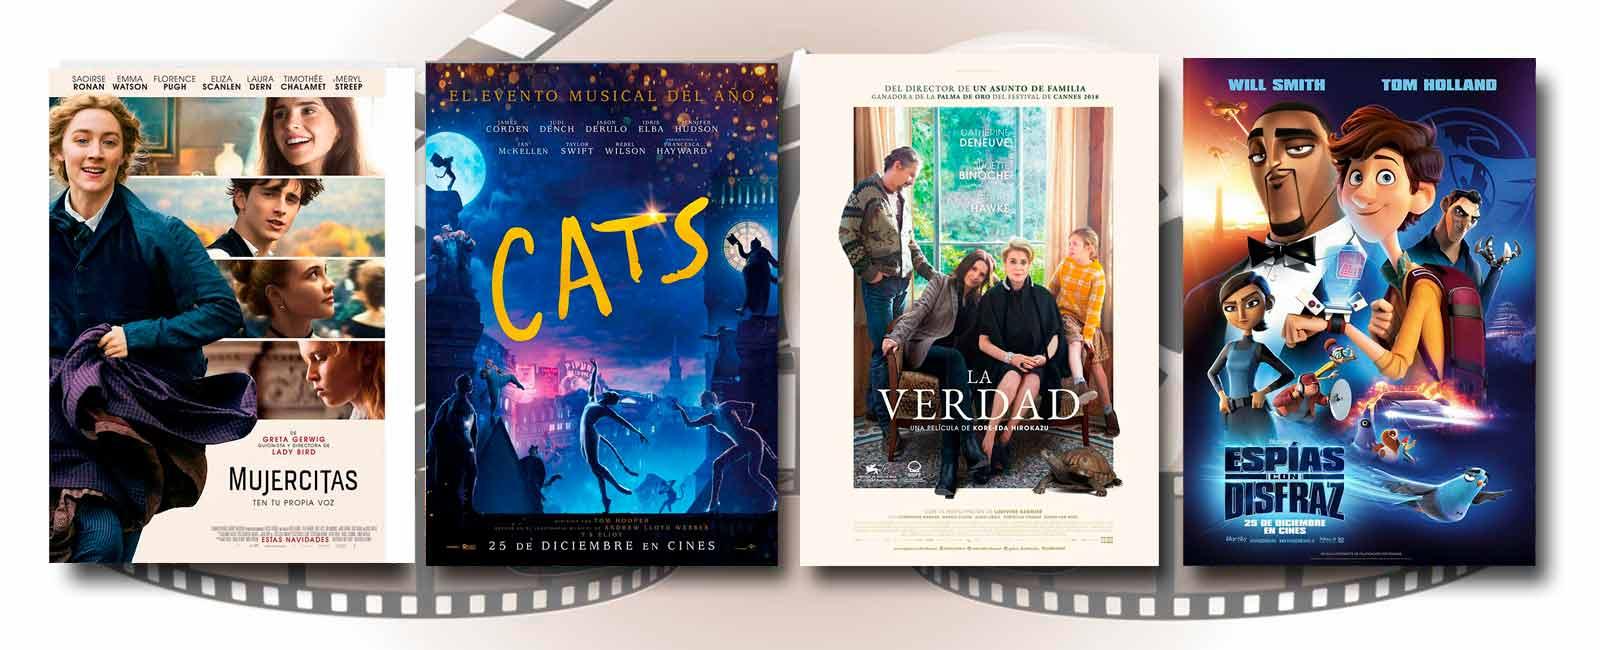 Estrenos de Cine de la Semana… 27 de Diciembre 2019